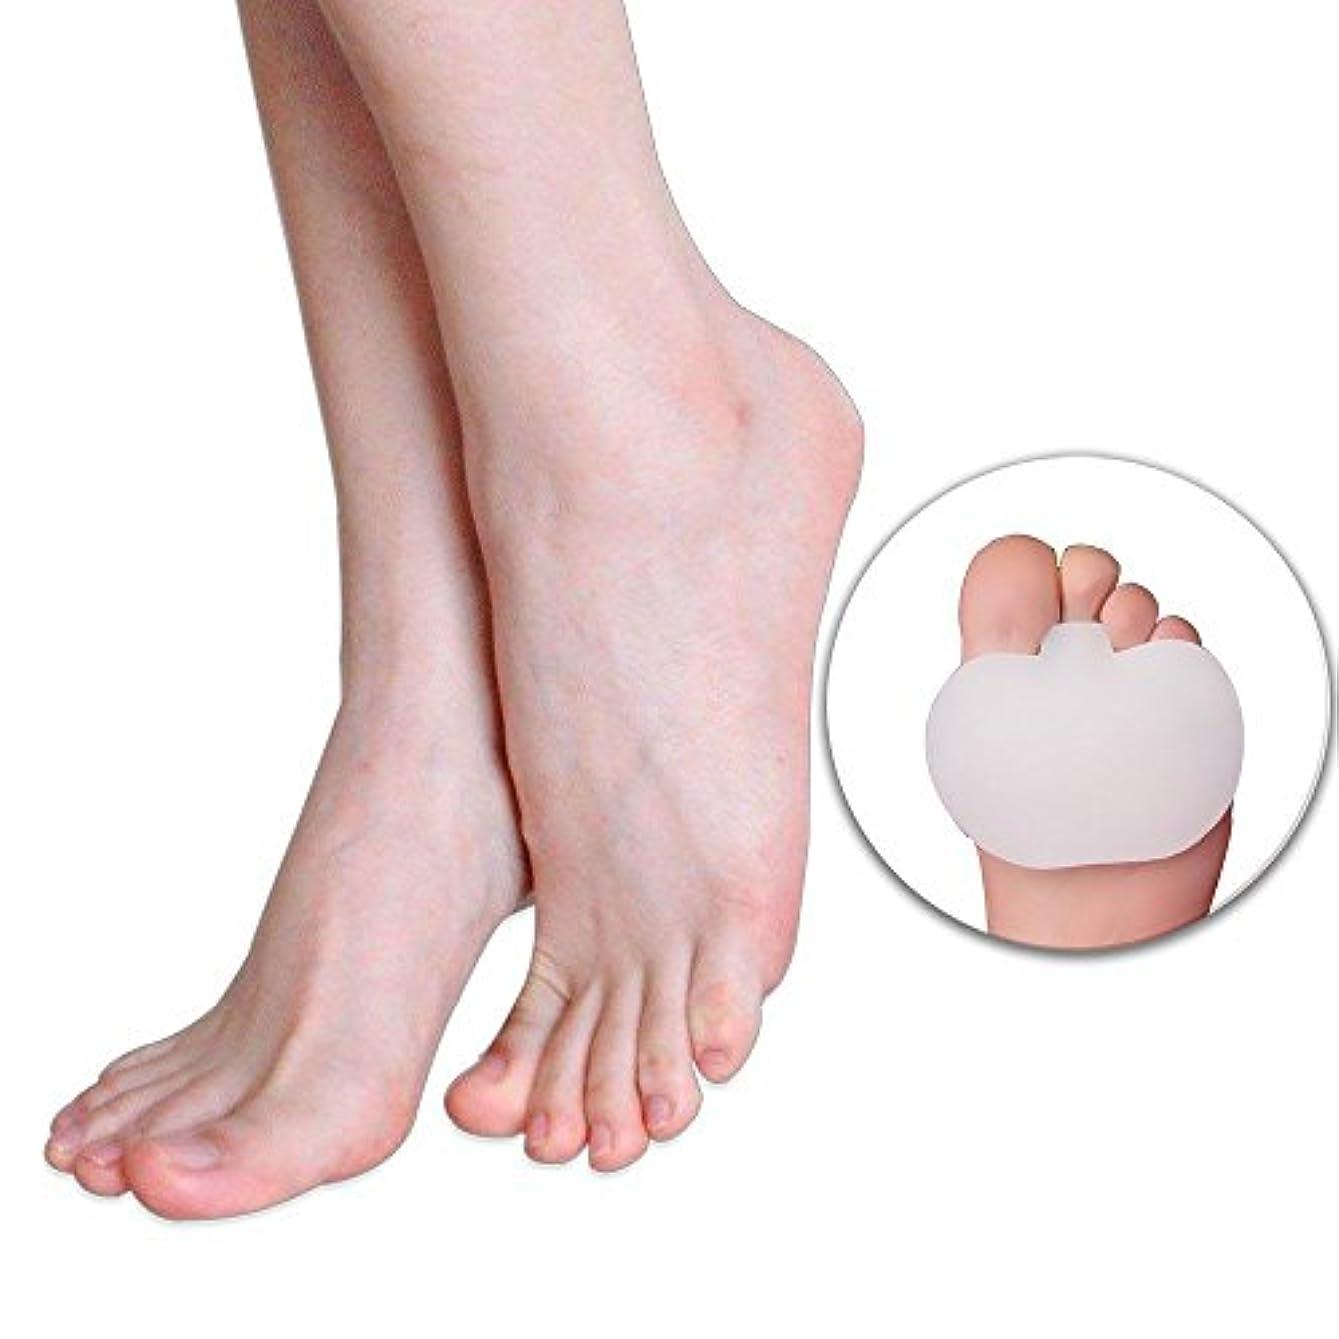 慢ペニー航海のフットマッサージ 前足パット足のケア、ゲルソックス、つま先、シリコン、外反母趾矯正、ゲル中足骨パッド、足クッションのボール、前足のケア、痛みの足の痛み、外反、外反母趾